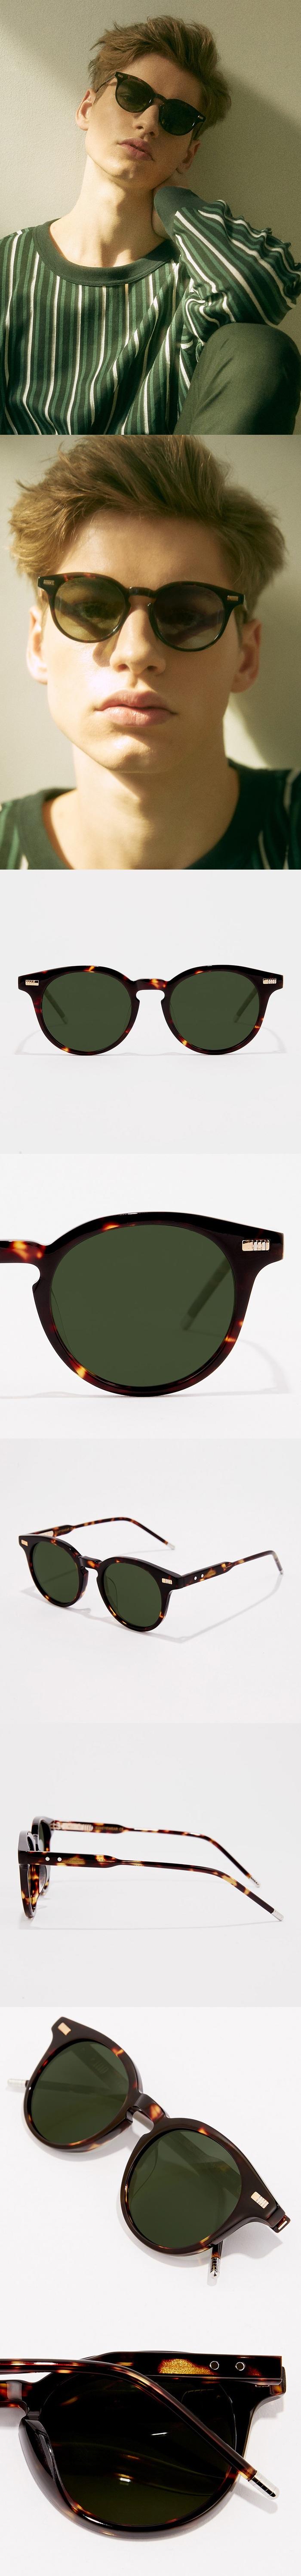 (複製)BVH 太陽眼鏡 2118-RA-01